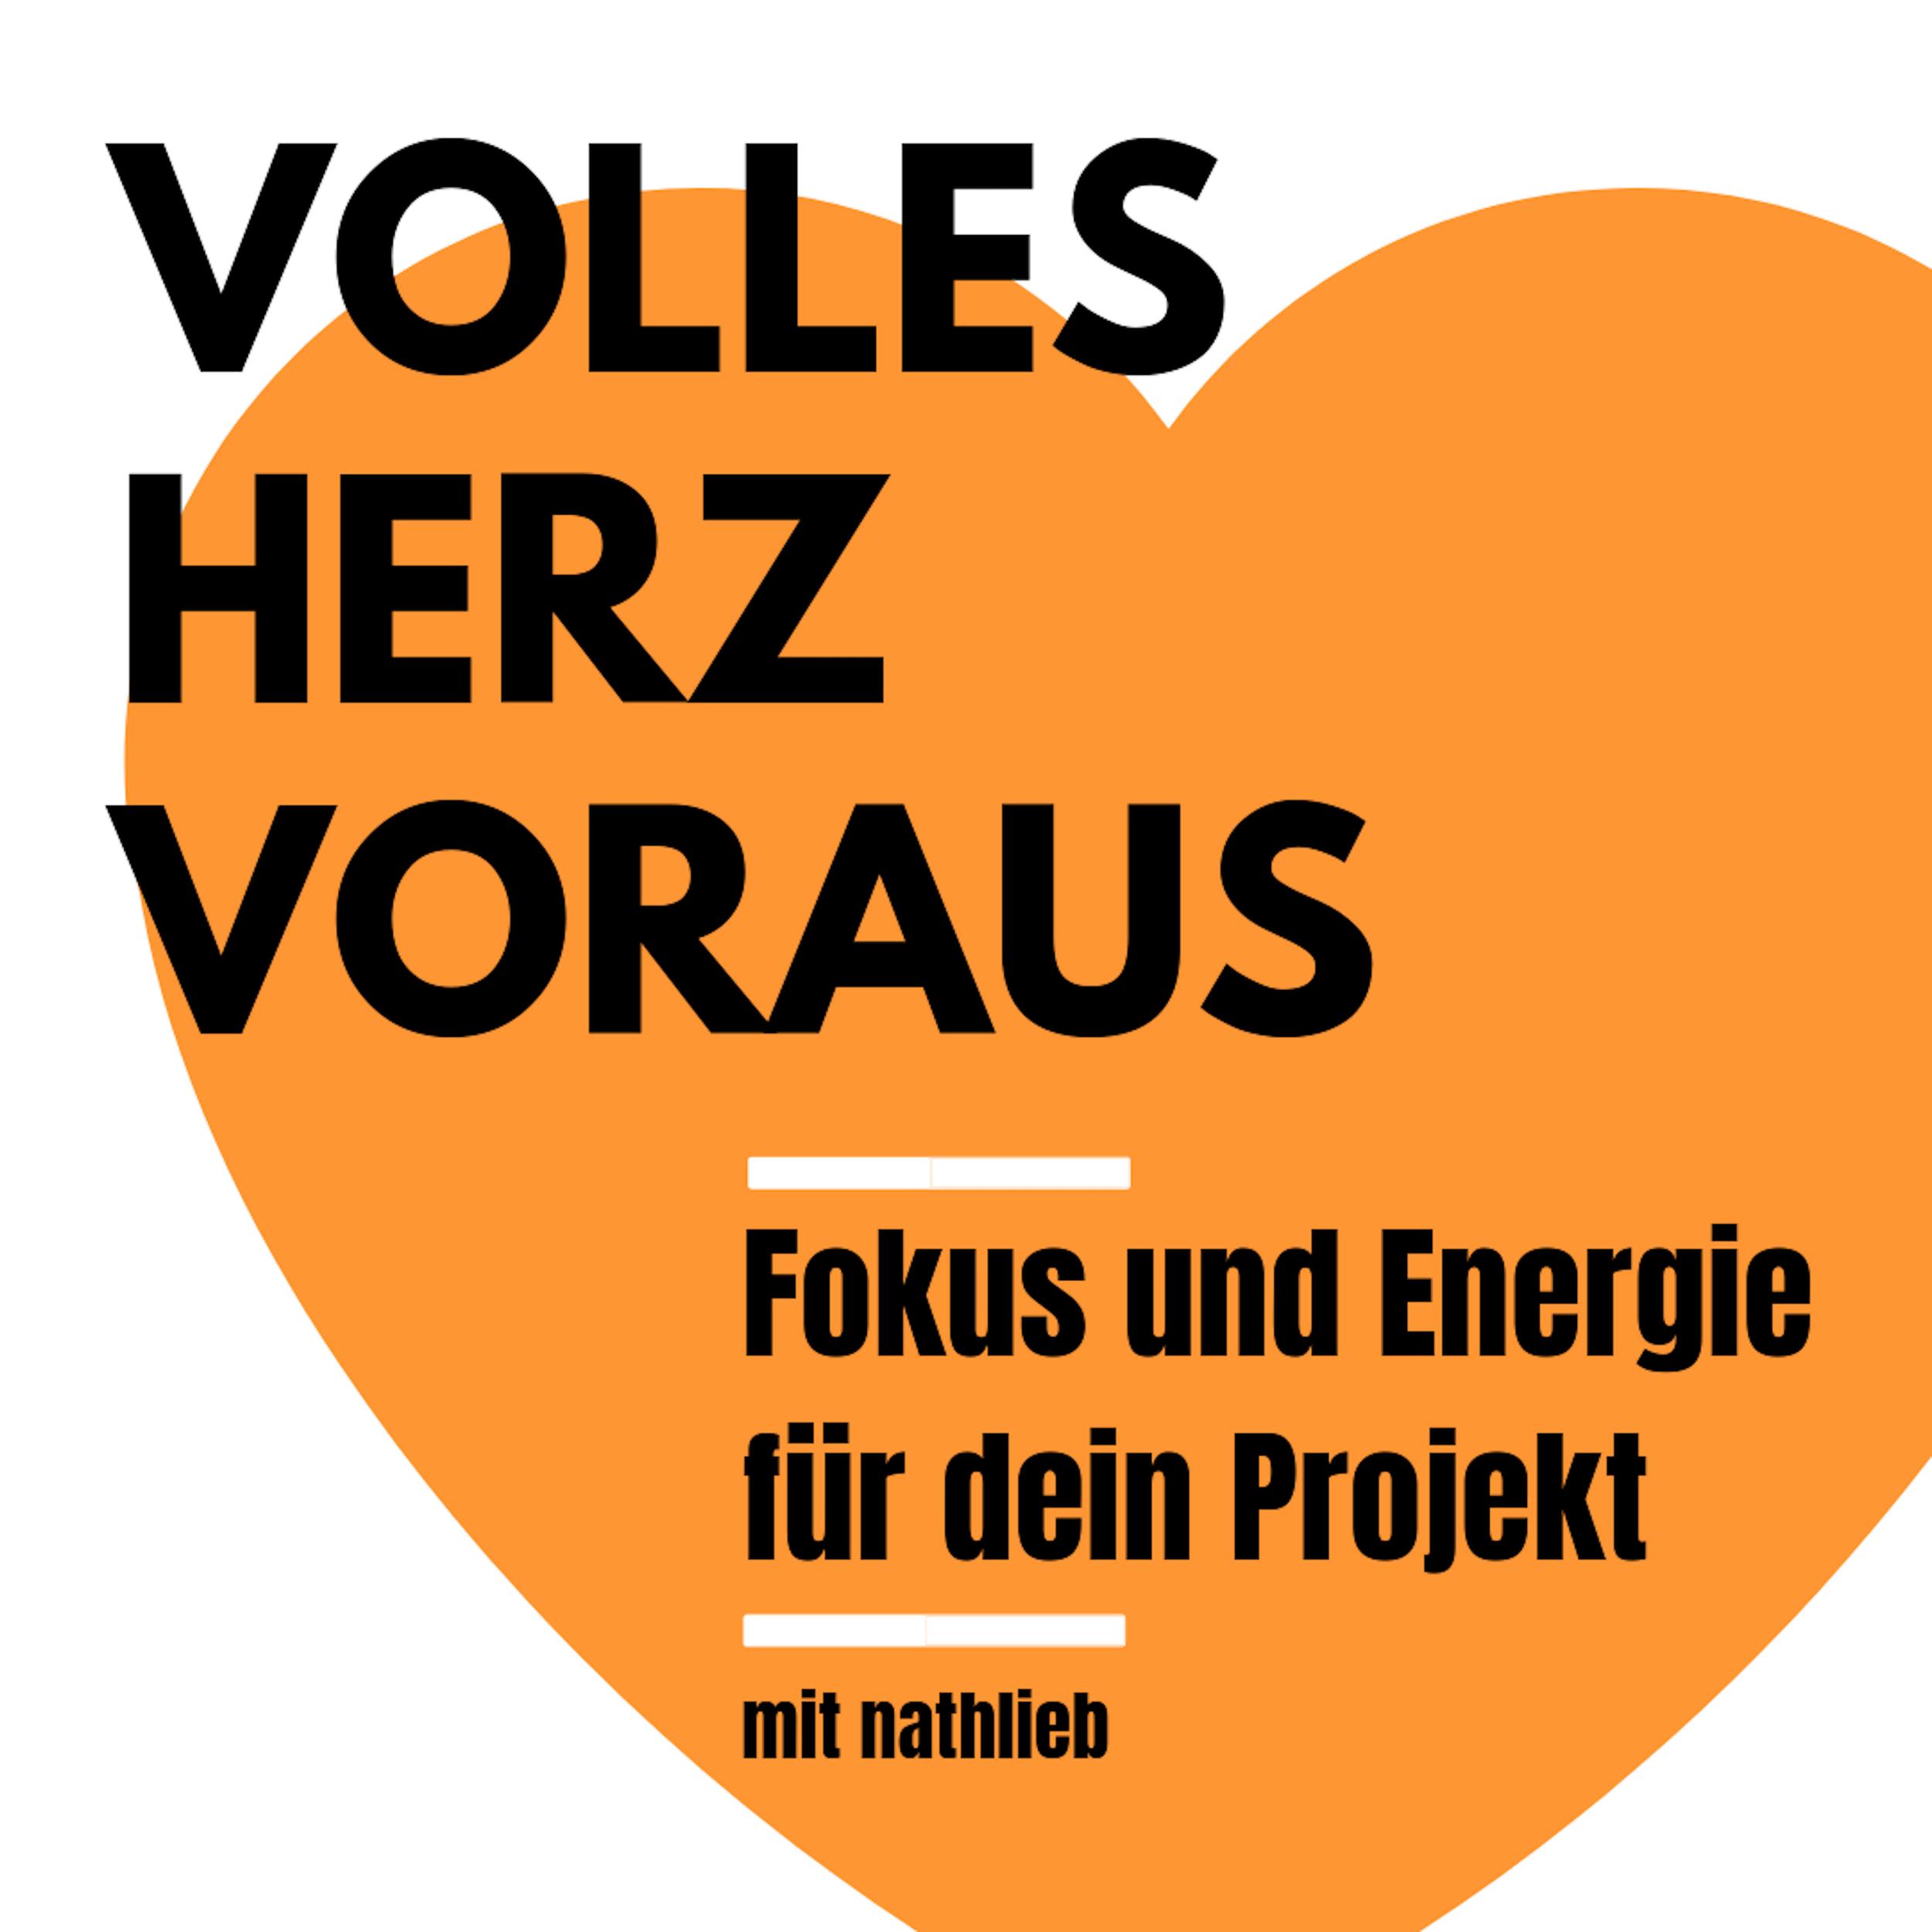 Volles Herz voraus Podcast Logo